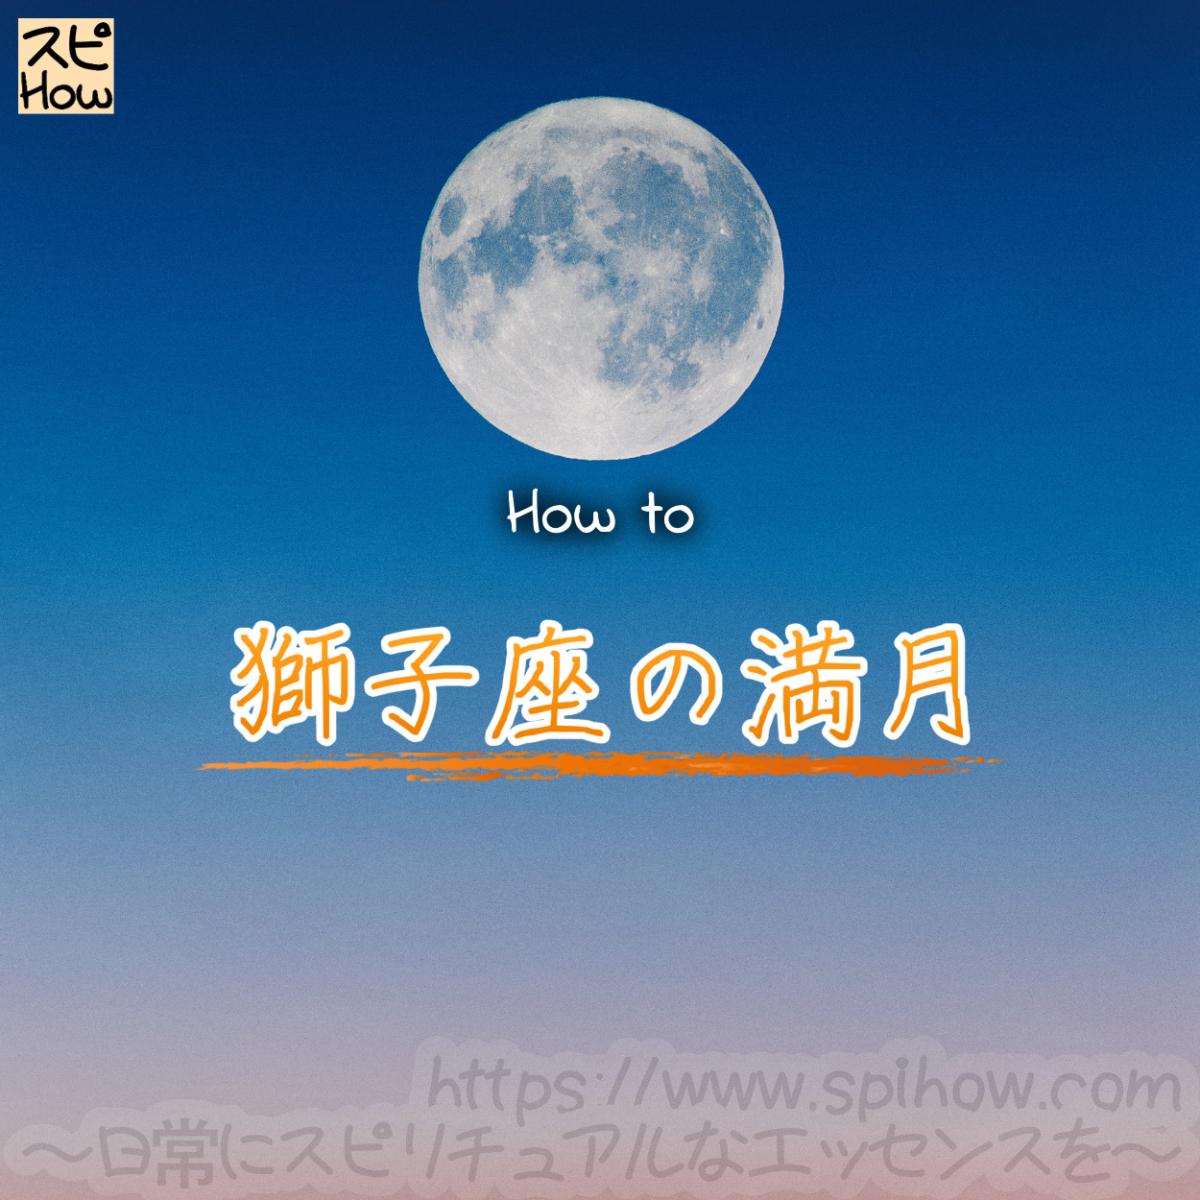 獅子座の満月!自分自身の想いを外に出していくことで開運する方法のアイキャッチ画像